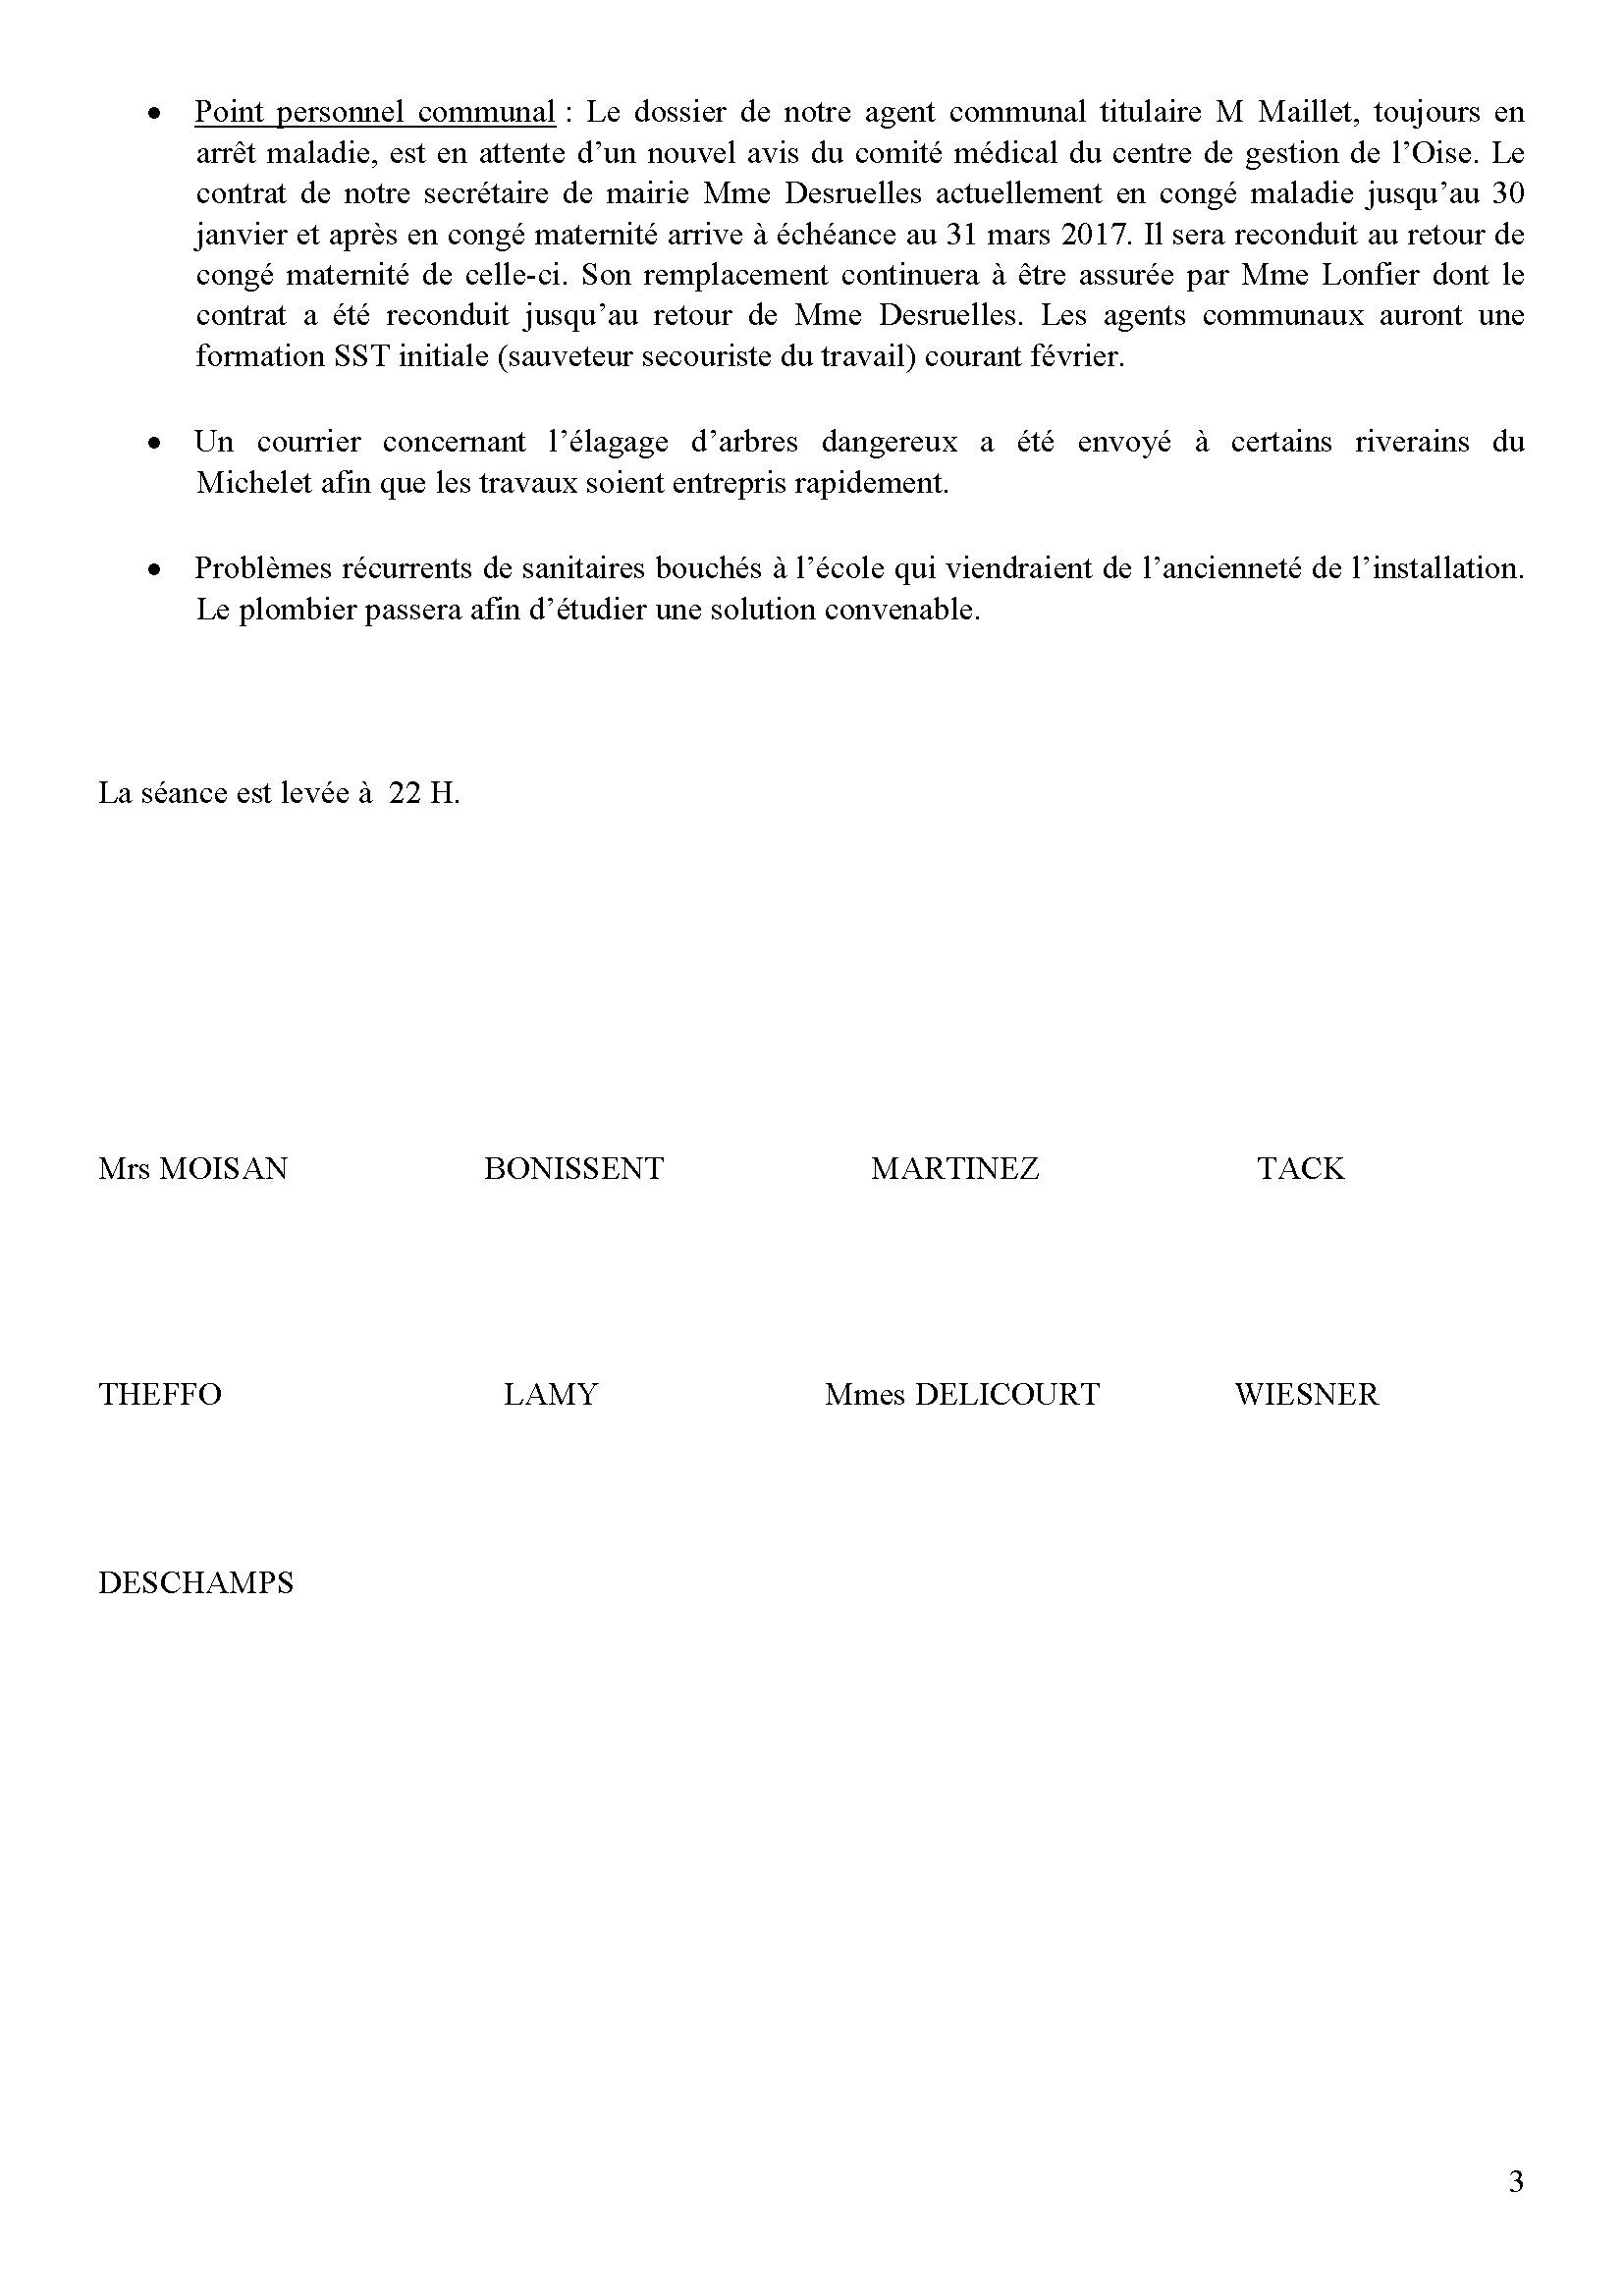 cr-du-20012017-page-3